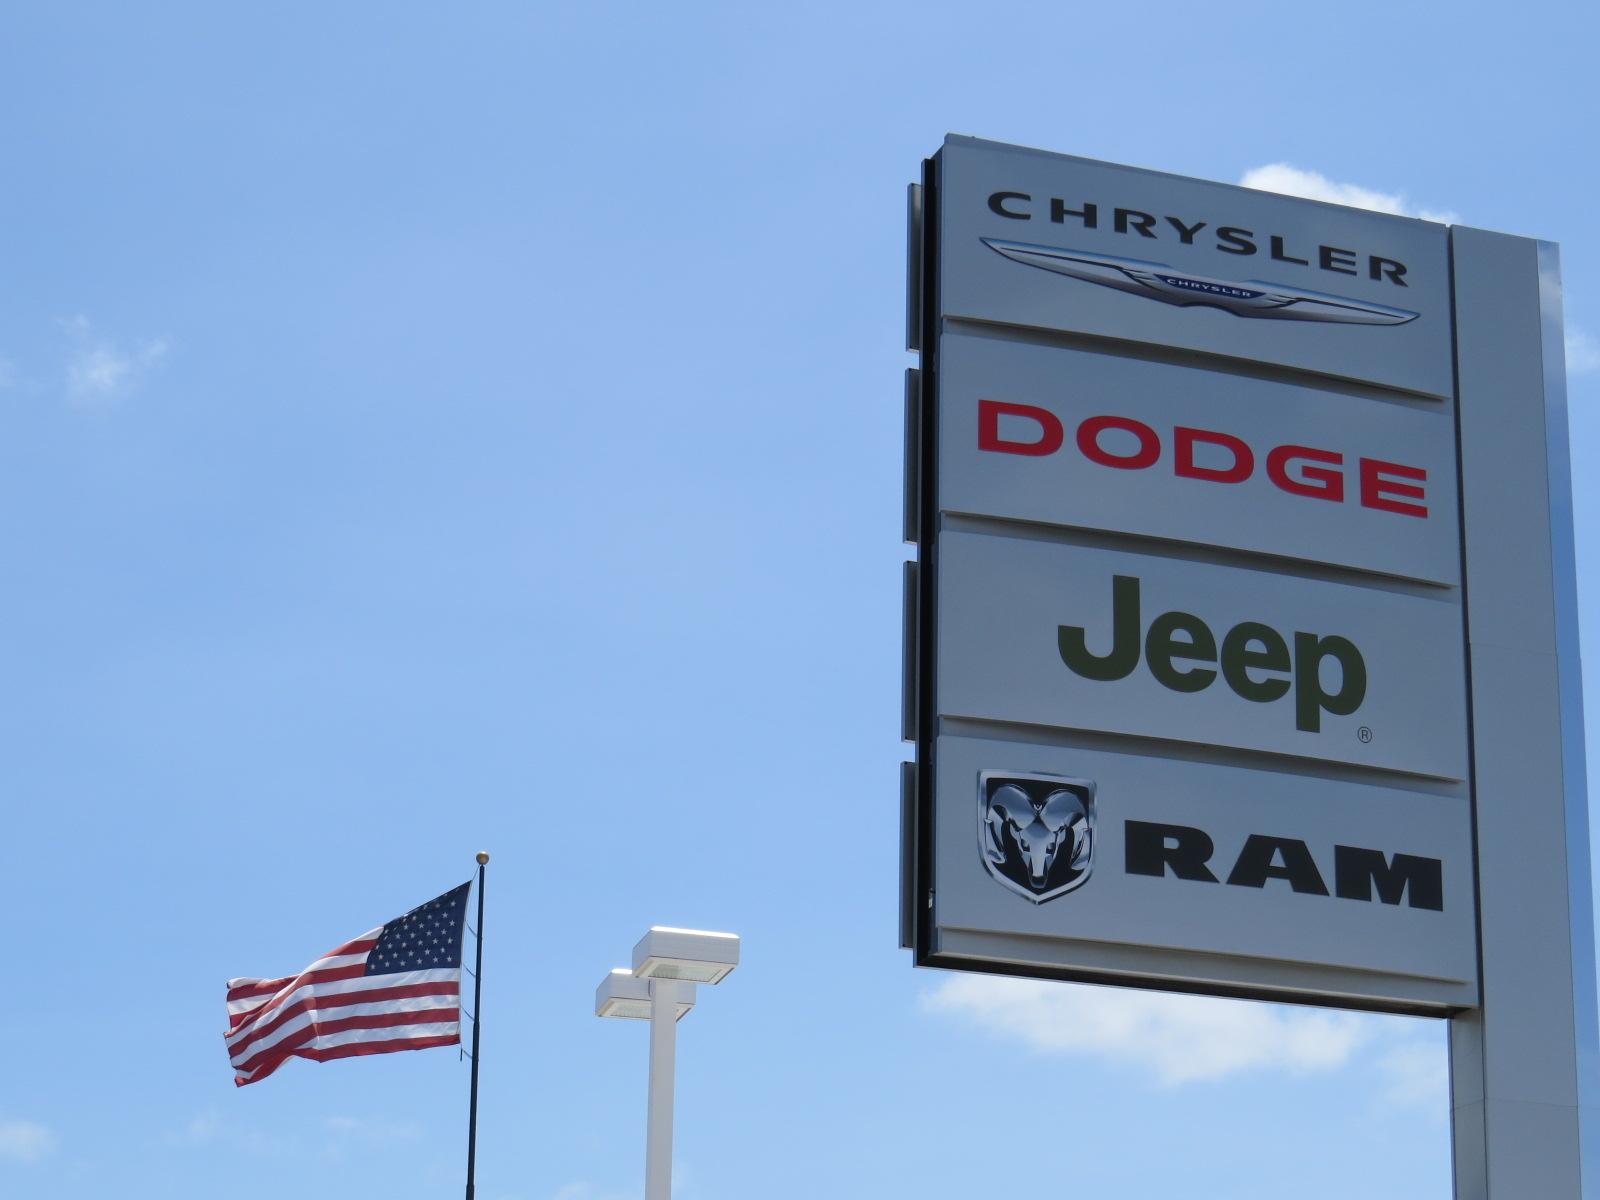 Allen Samuels Chrysler Dodge Jeep Ram In Aransas Pass Tx